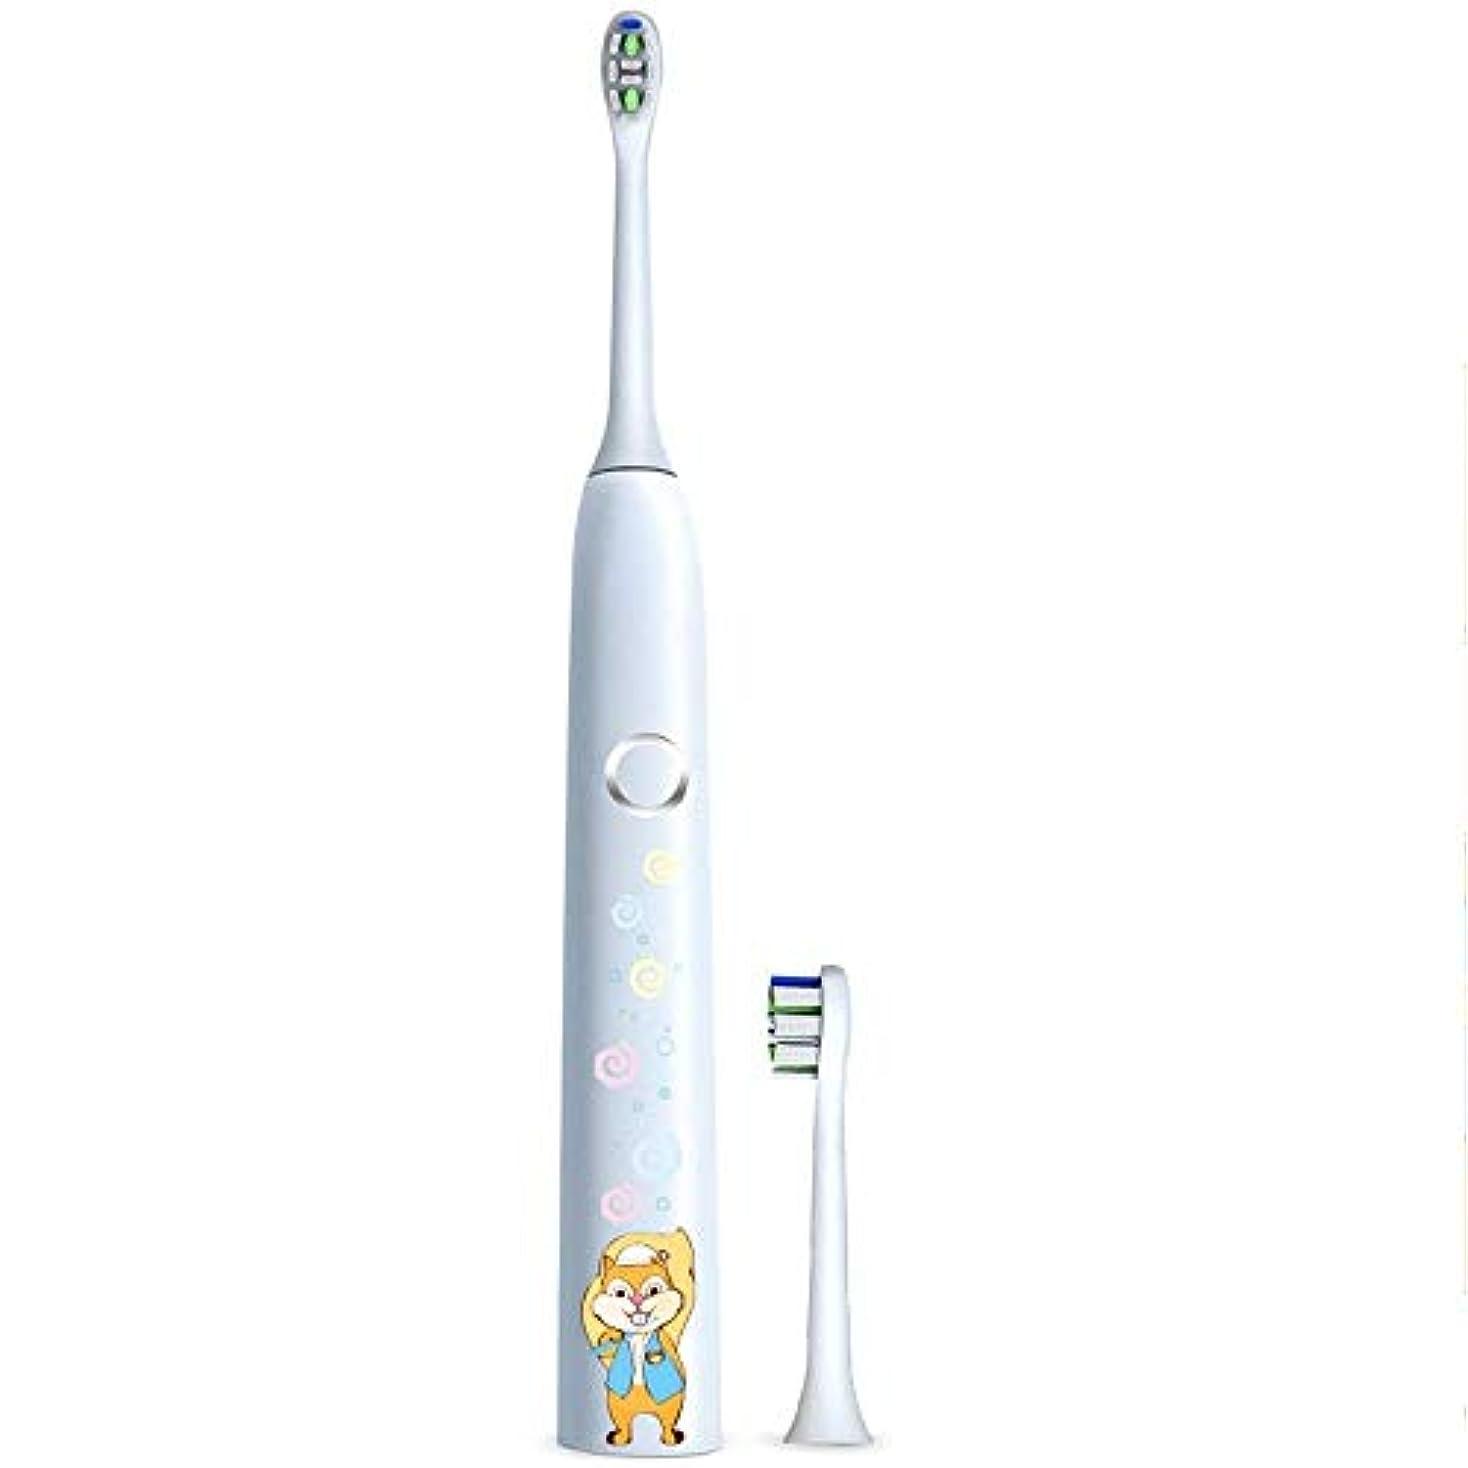 イディオム一時的既婚電動歯ブラシ 子供の電動歯ブラシ保護クリーンUSB充電式ソフトヘア歯ブラシ歯医者推奨 ケアー プロテクトクリーン (色 : 白, サイズ : Free size)